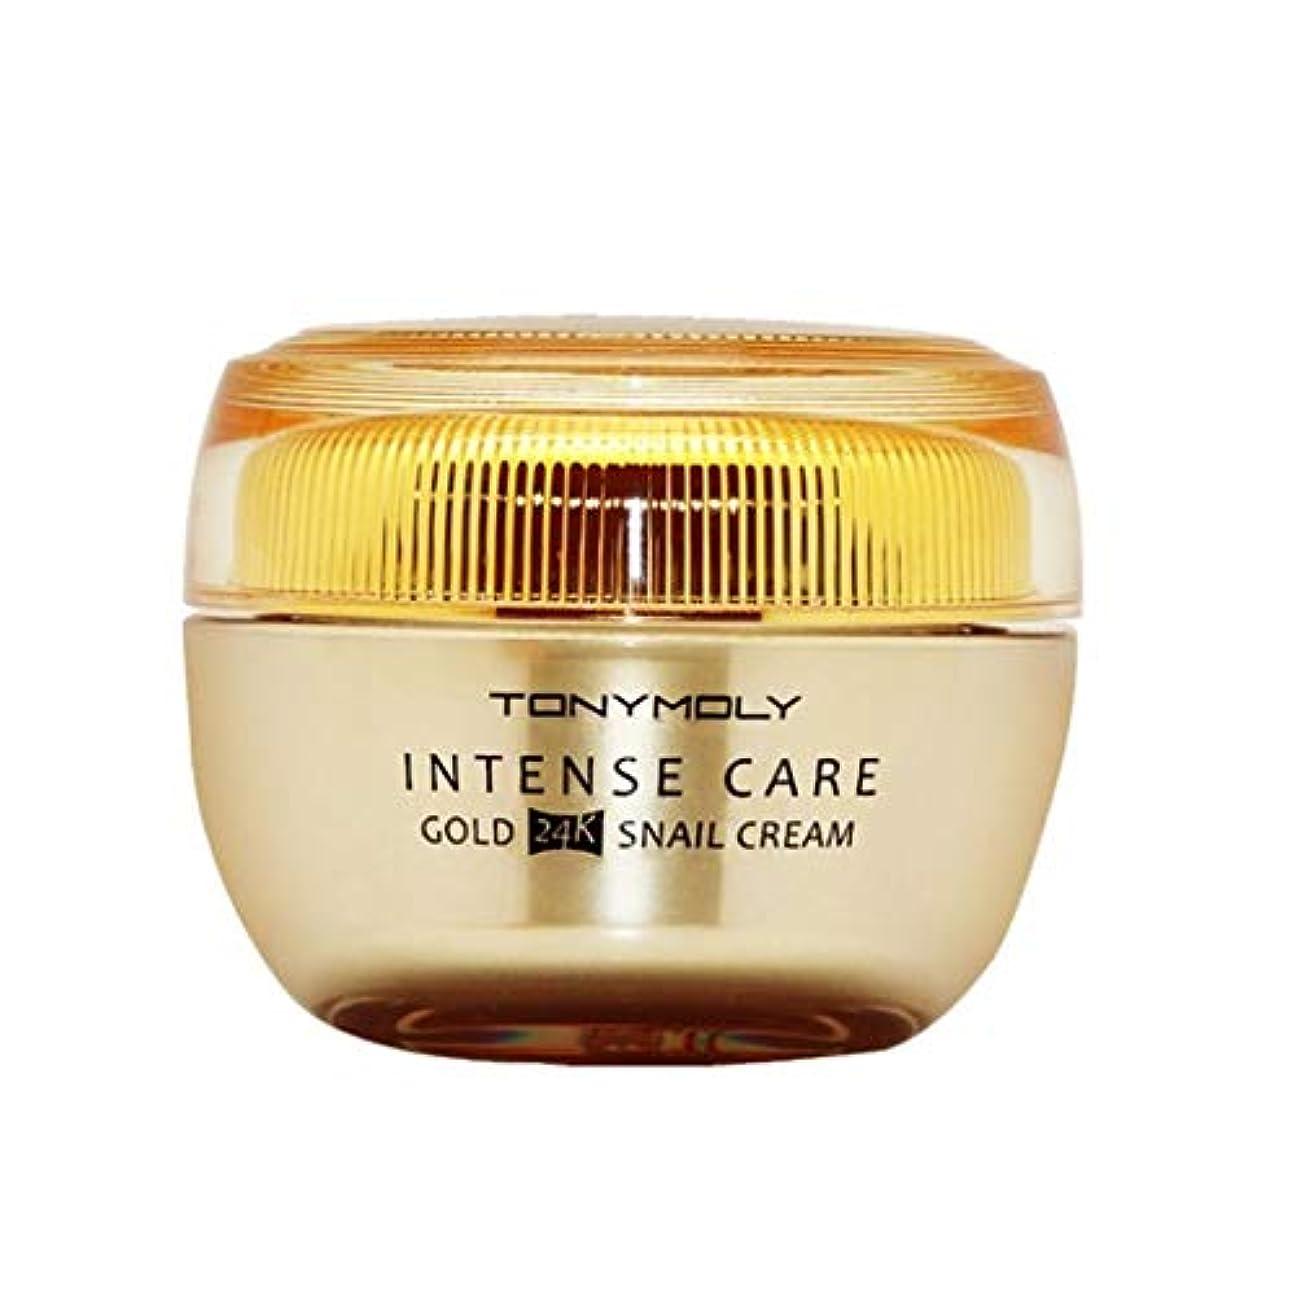 赤外線ハイブリッド孤独なトニーモリーインテンスケアゴールド24Kスネールクリーム45ml x 2本セット美白、シワ改善クリーム、Tonymoly Intense Care Gold 24K Snail Cream 45ml x 2ea Set...